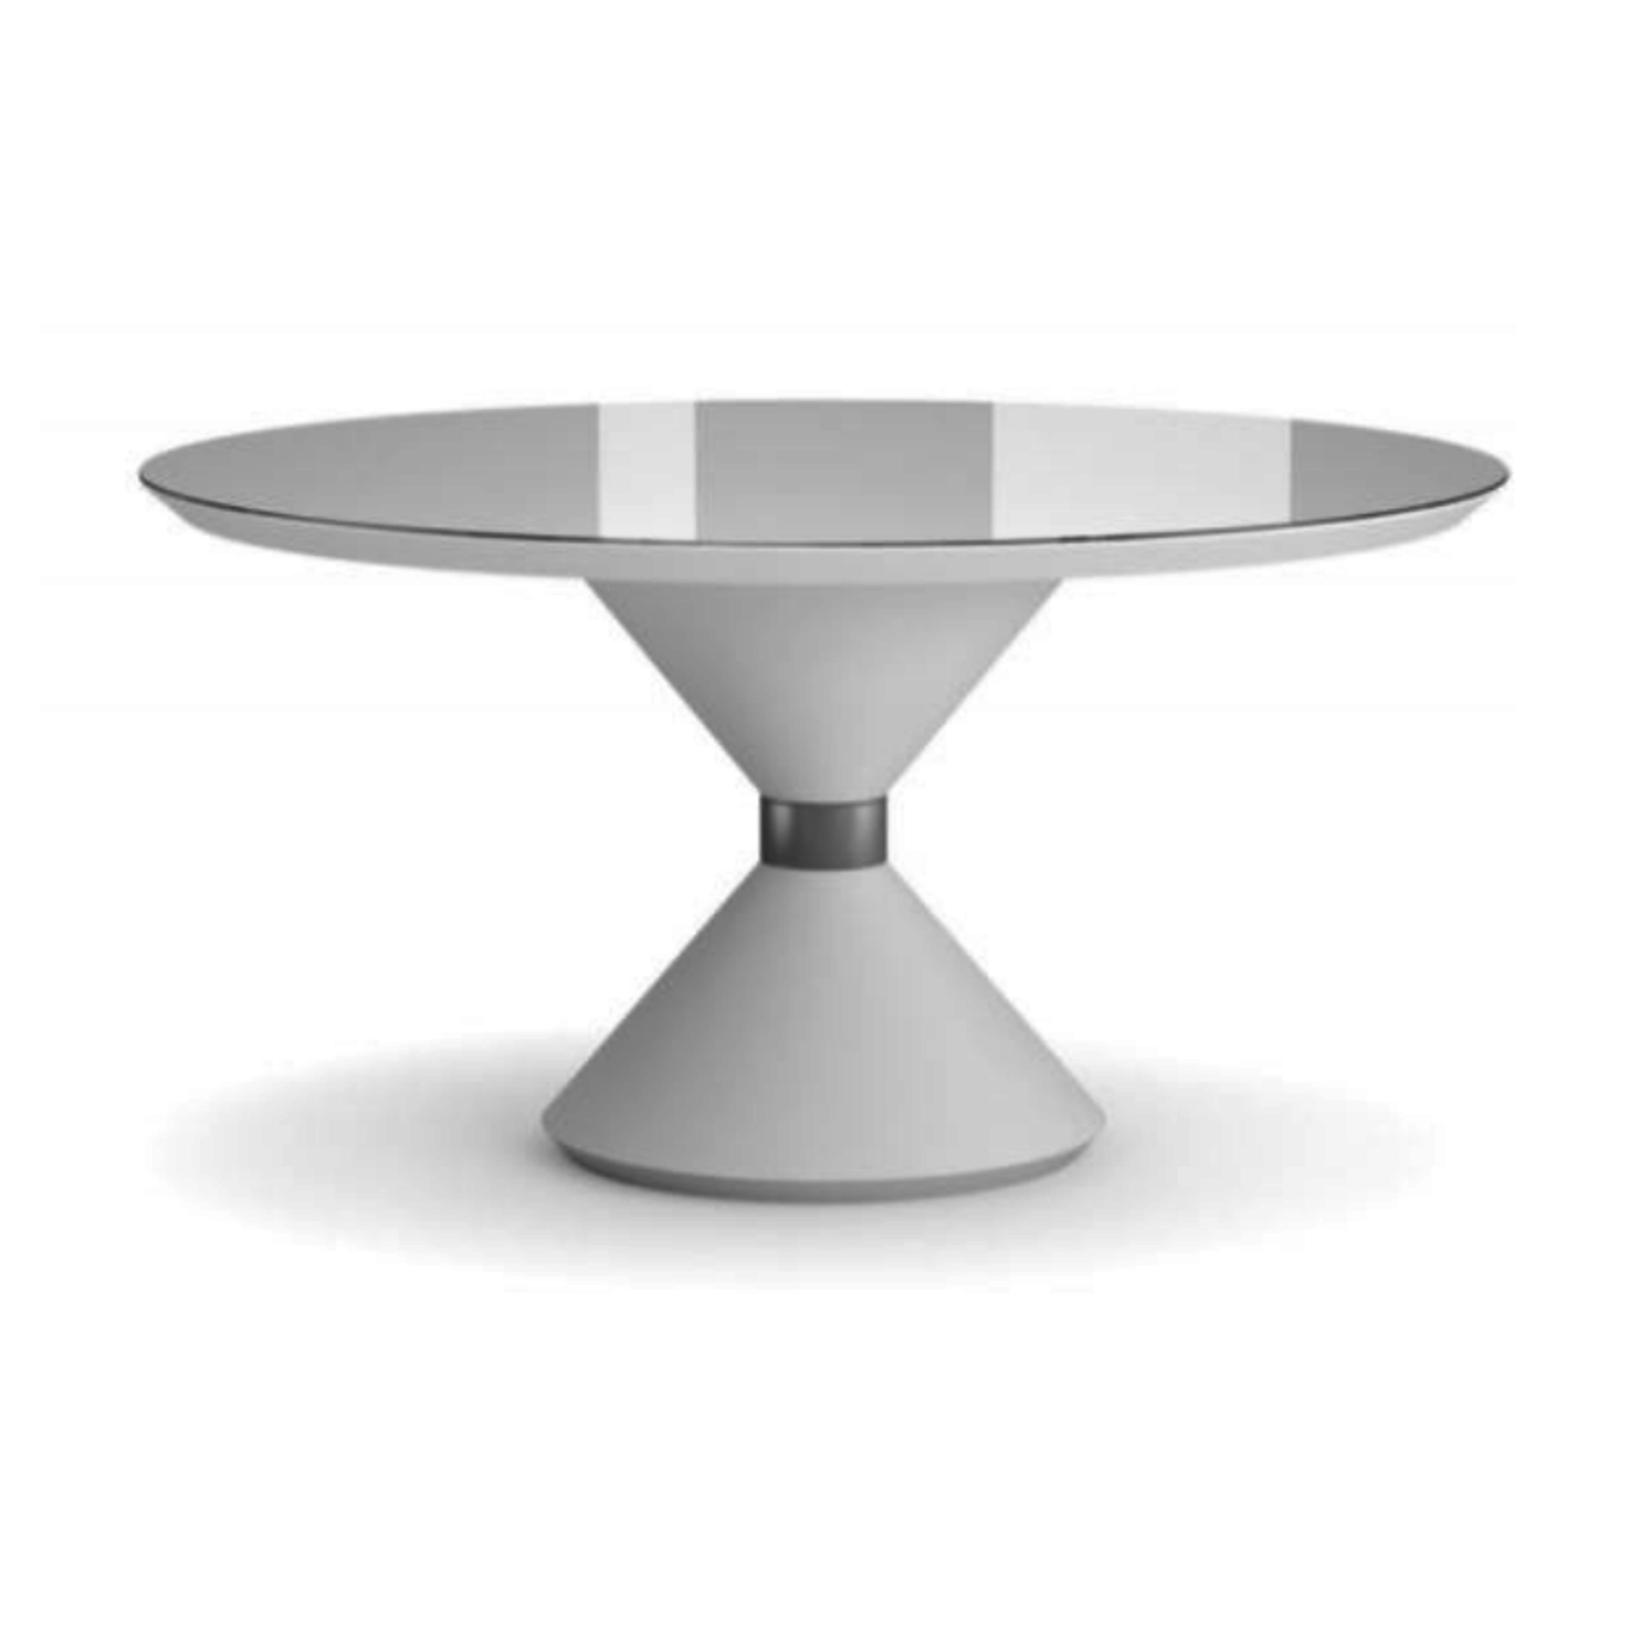 Harmony Studio Ibere Dining Table